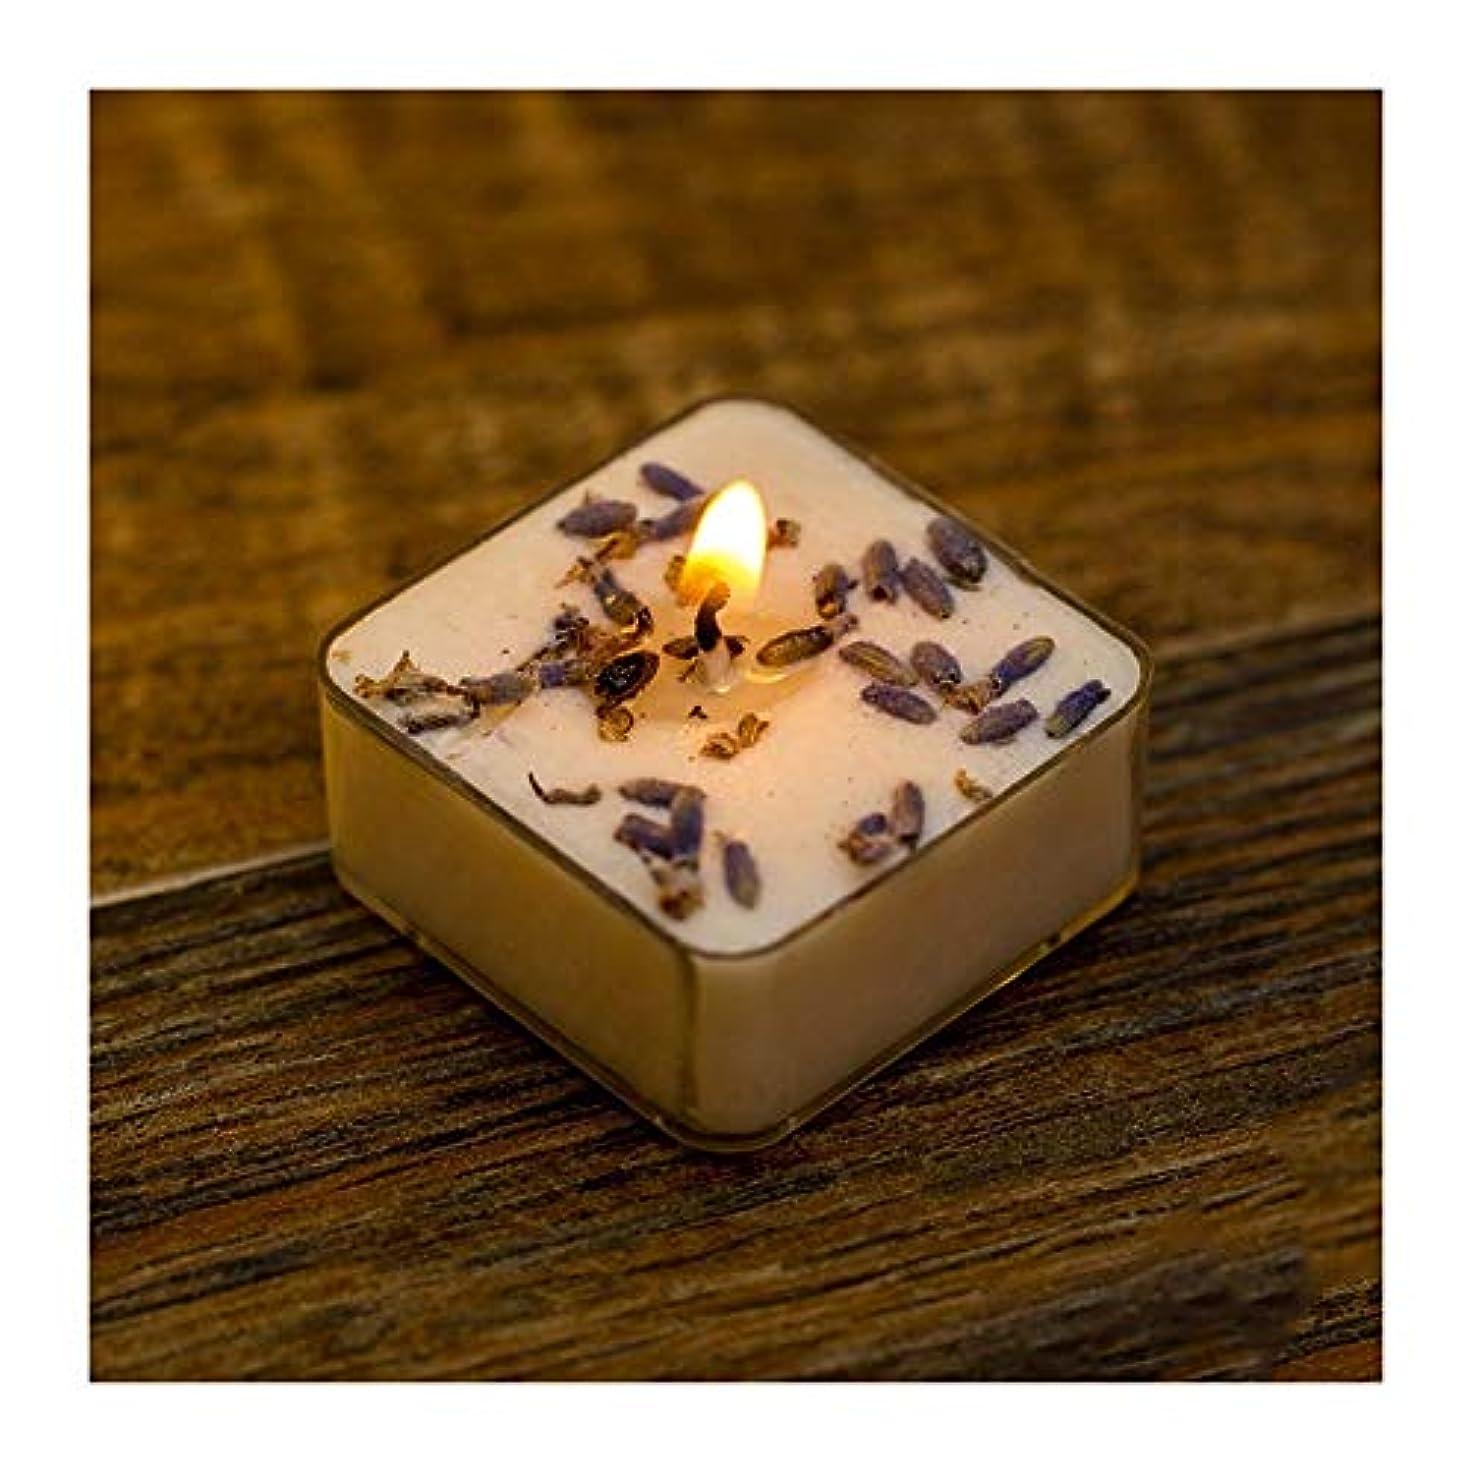 宿題をする解放するジョグGuomao 無煙アロマキャンドル手作りのカスタムロマンチックな結婚誕生日の雰囲気のラベンダーフレーバーキャンドル (色 : Green tea)